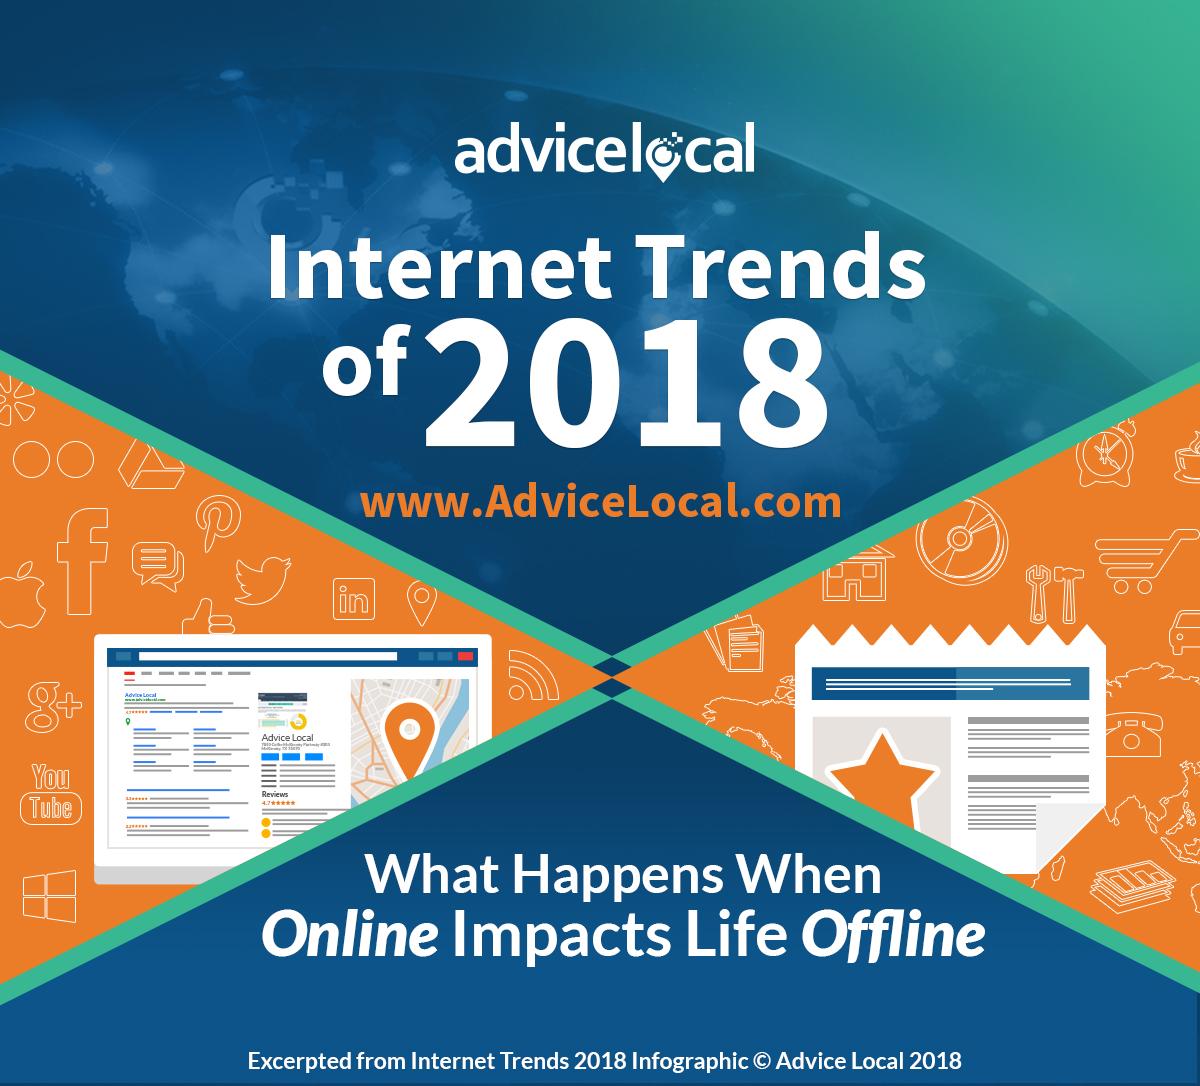 Internet Trends 2018 Report